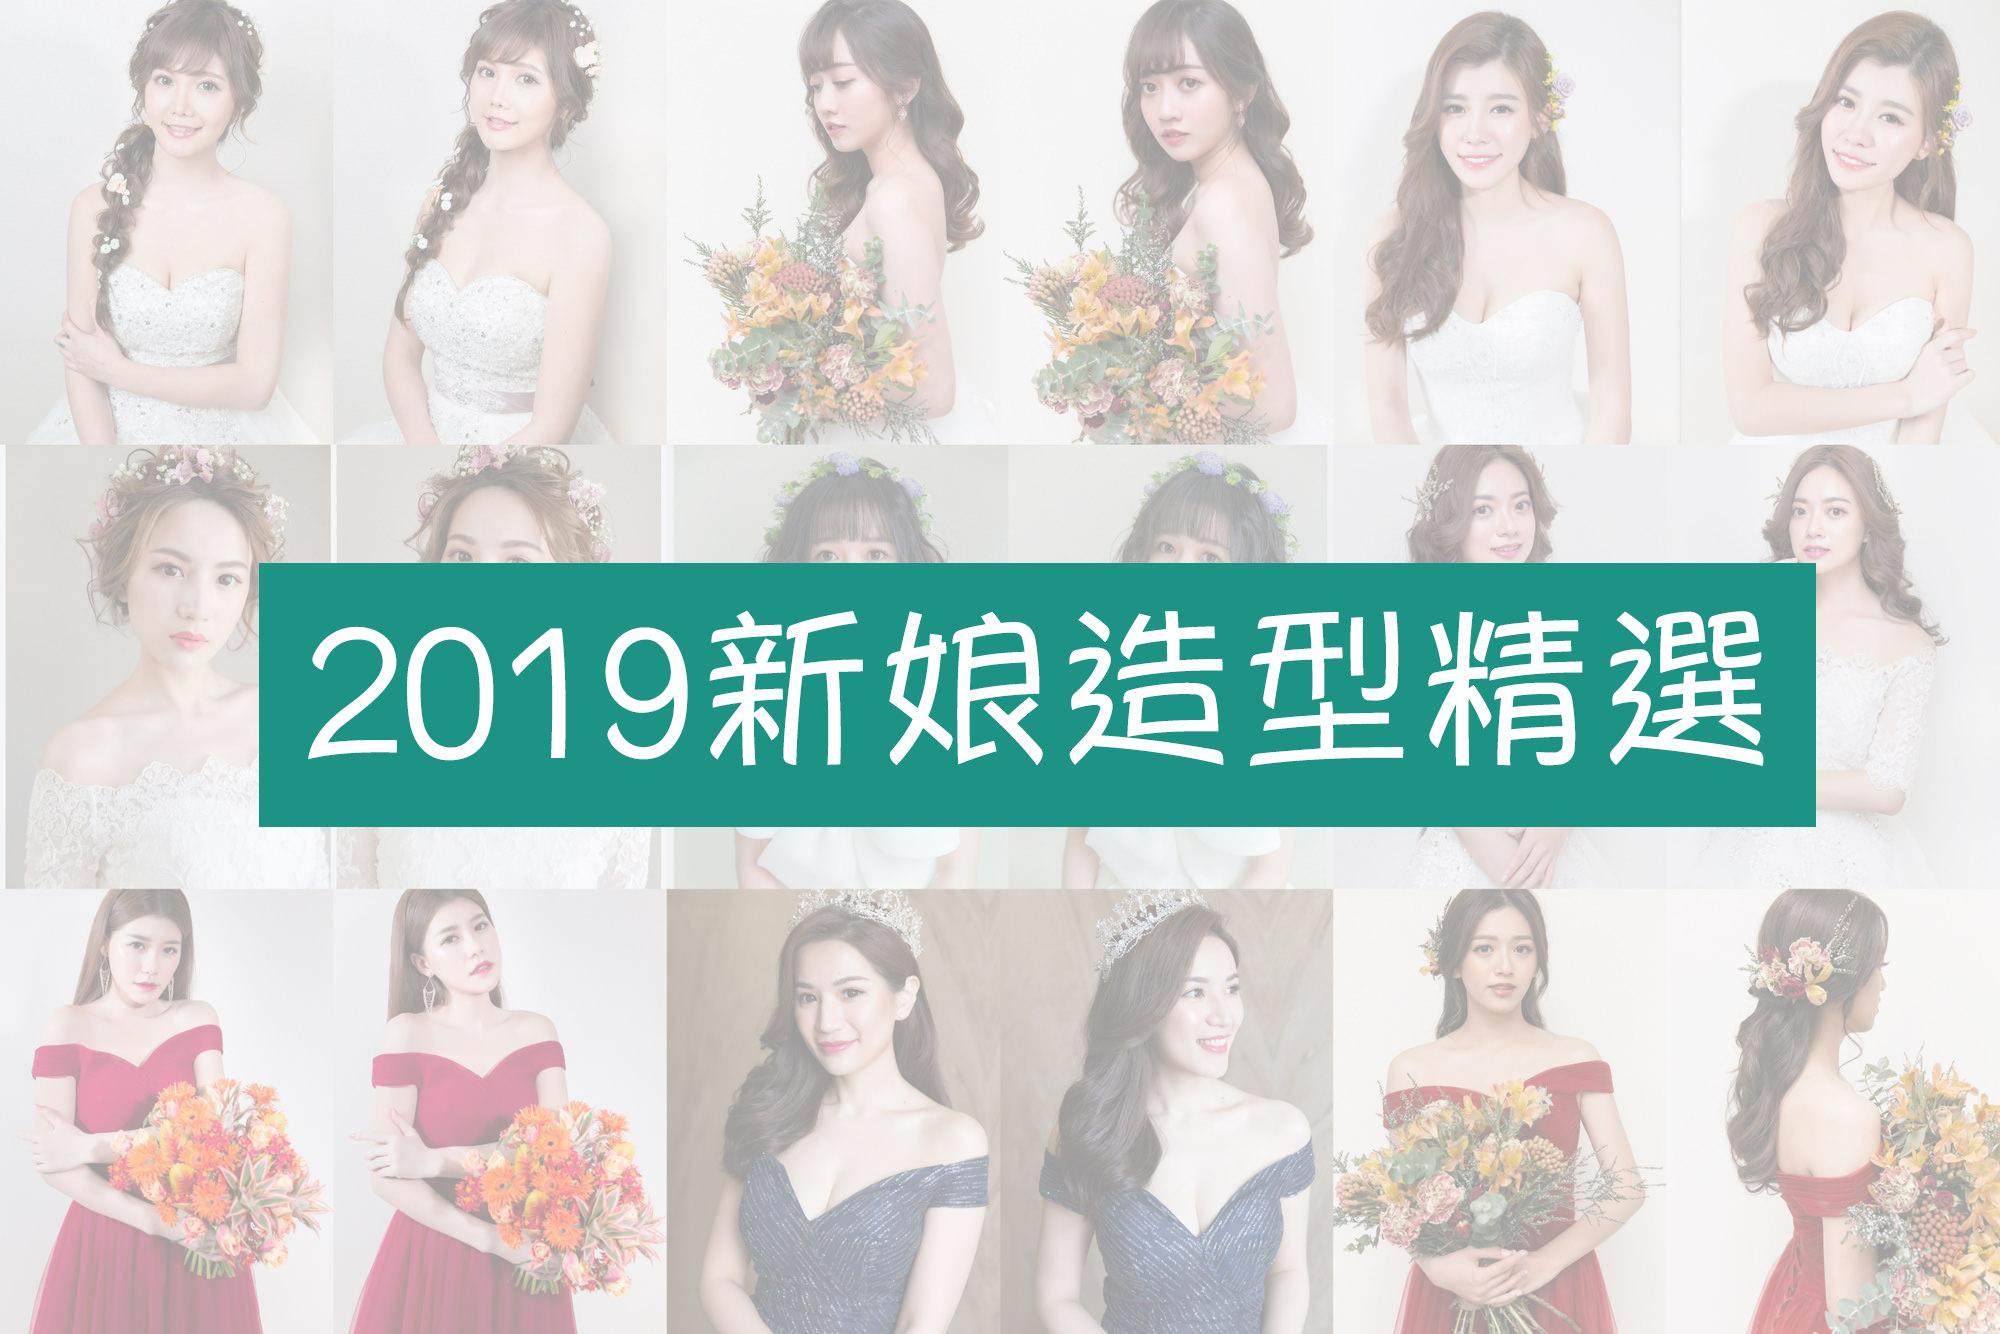 [婚禮新娘髮型懶人包] 2021年新娘造型TOP5